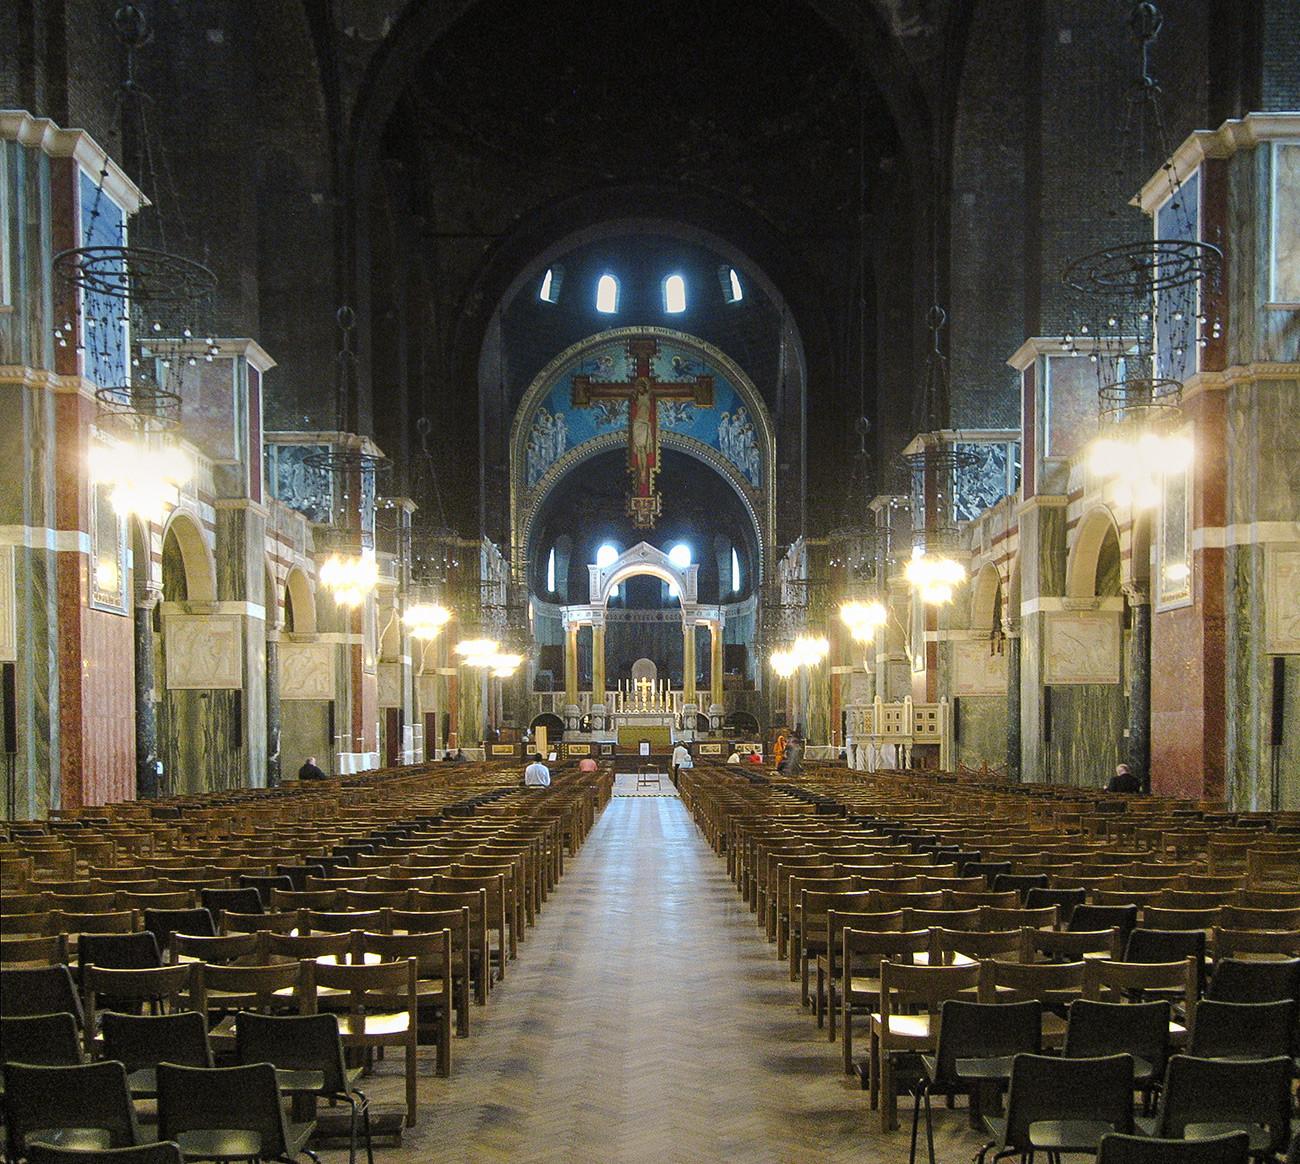 Cette scène a en fait été tournée dans la cathédrale catholique de Westminster à Londres